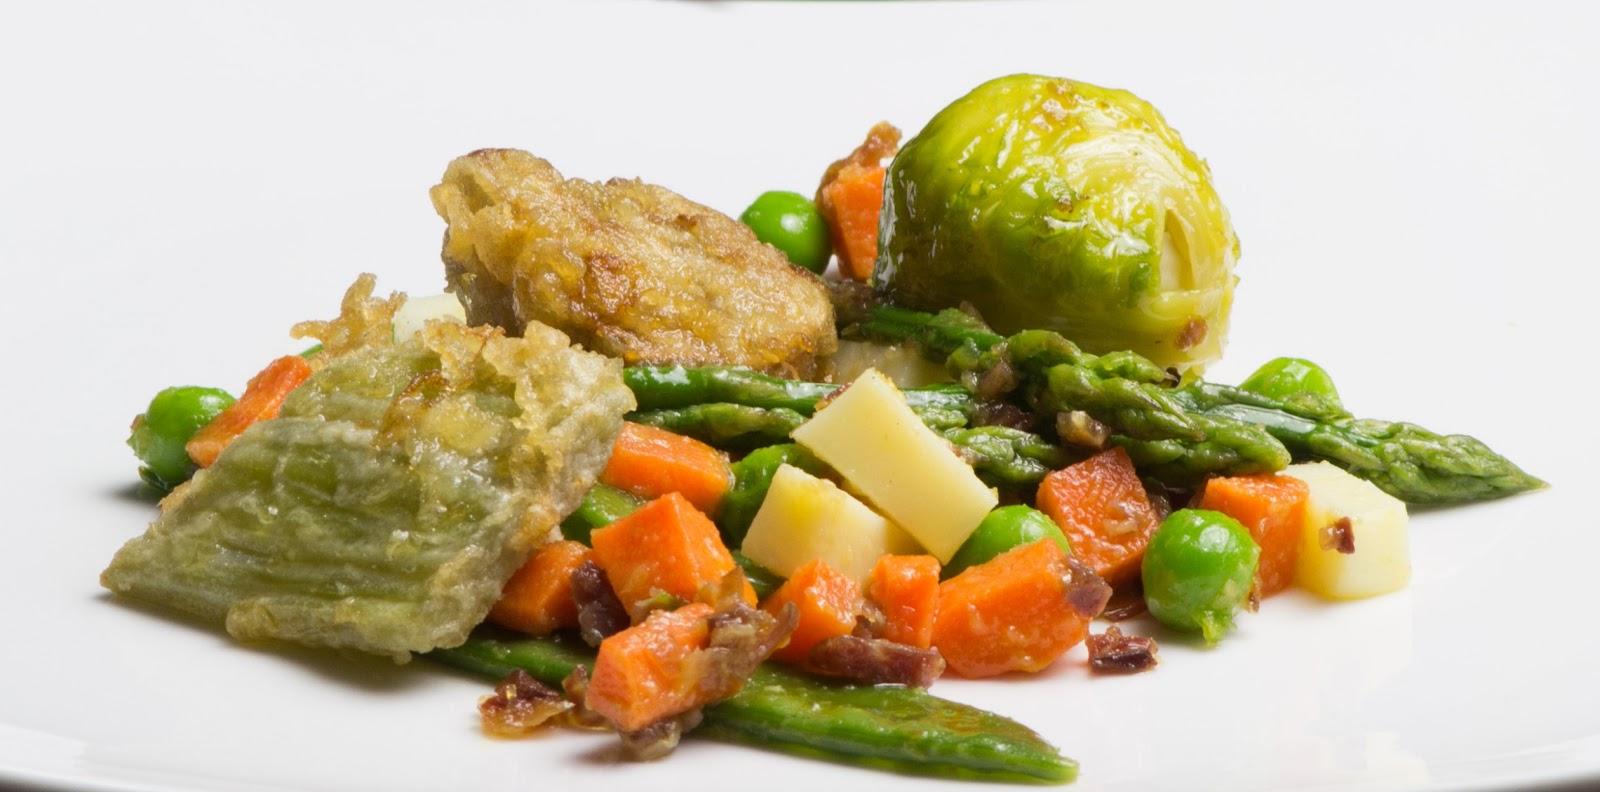 Las cosas de c sima menestra de verduras - Menestra de verduras en texturas ...